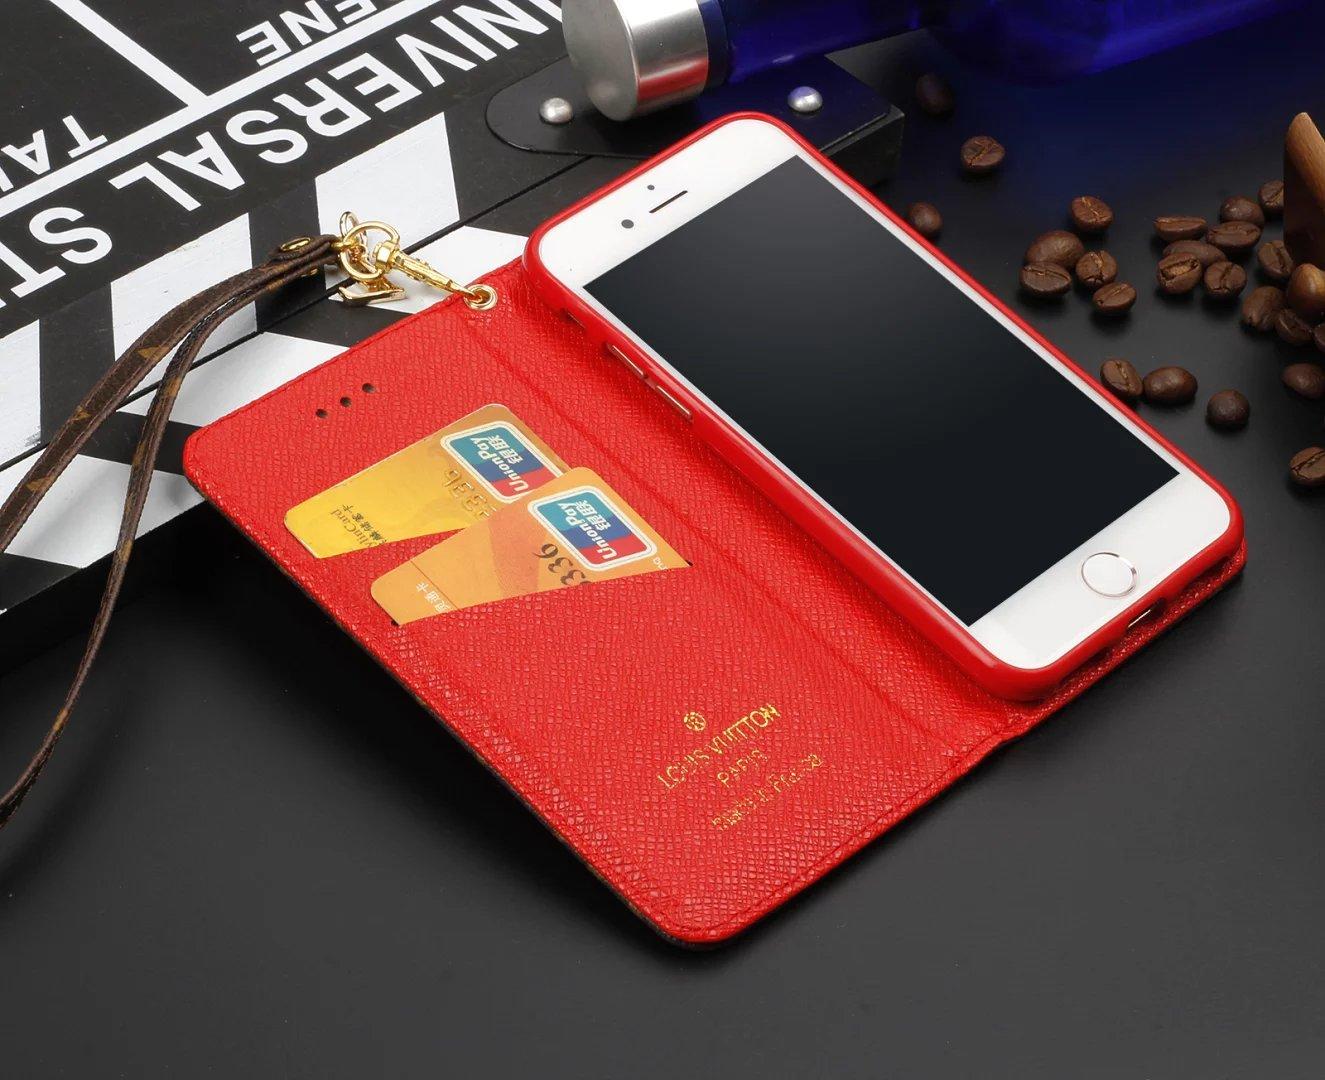 iphone case selber machen iphone case erstellen Louis Vuitton iphone6s hülle schutzhülle mit foto iphone 6s mit hülle iphone 6s hülle ausgefallen handyhülle foto iphone tasche für iphone iphone hülle designen